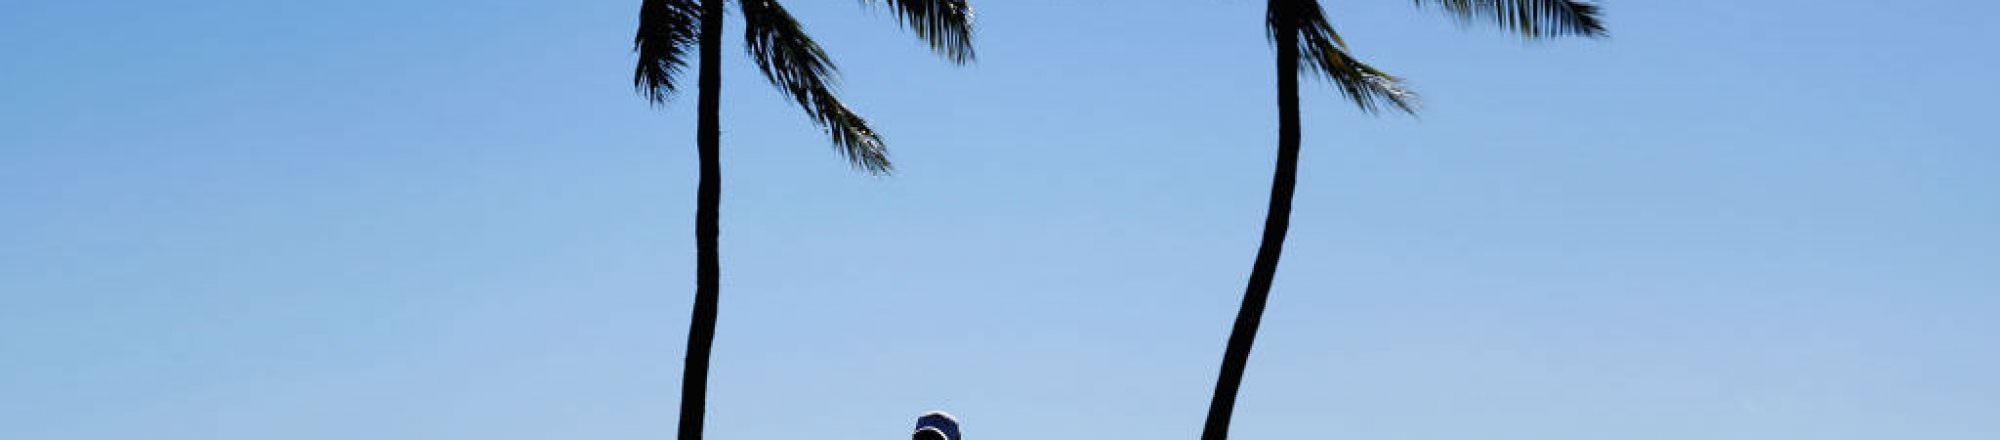 Sony Open in Hawaii leaderboard